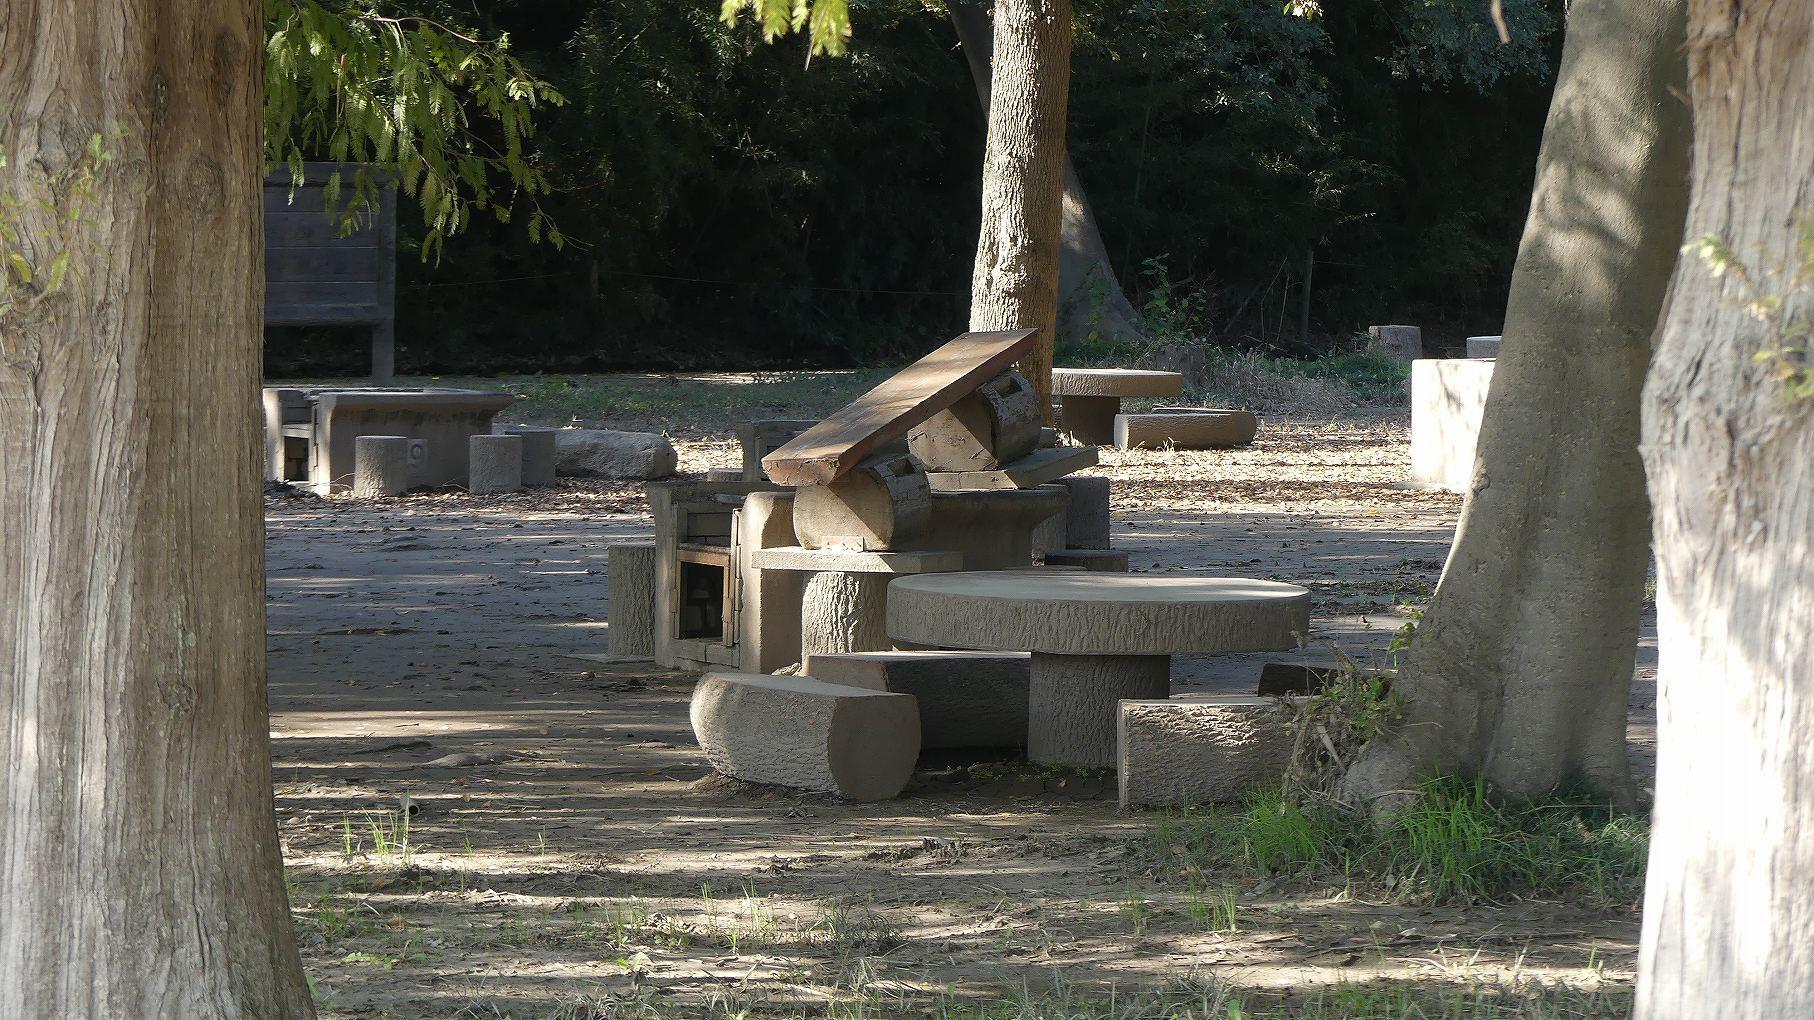 秋ヶ瀬公園ふたりぼっち 【 2019 11/9(土) 】_a0185081_11053764.jpg